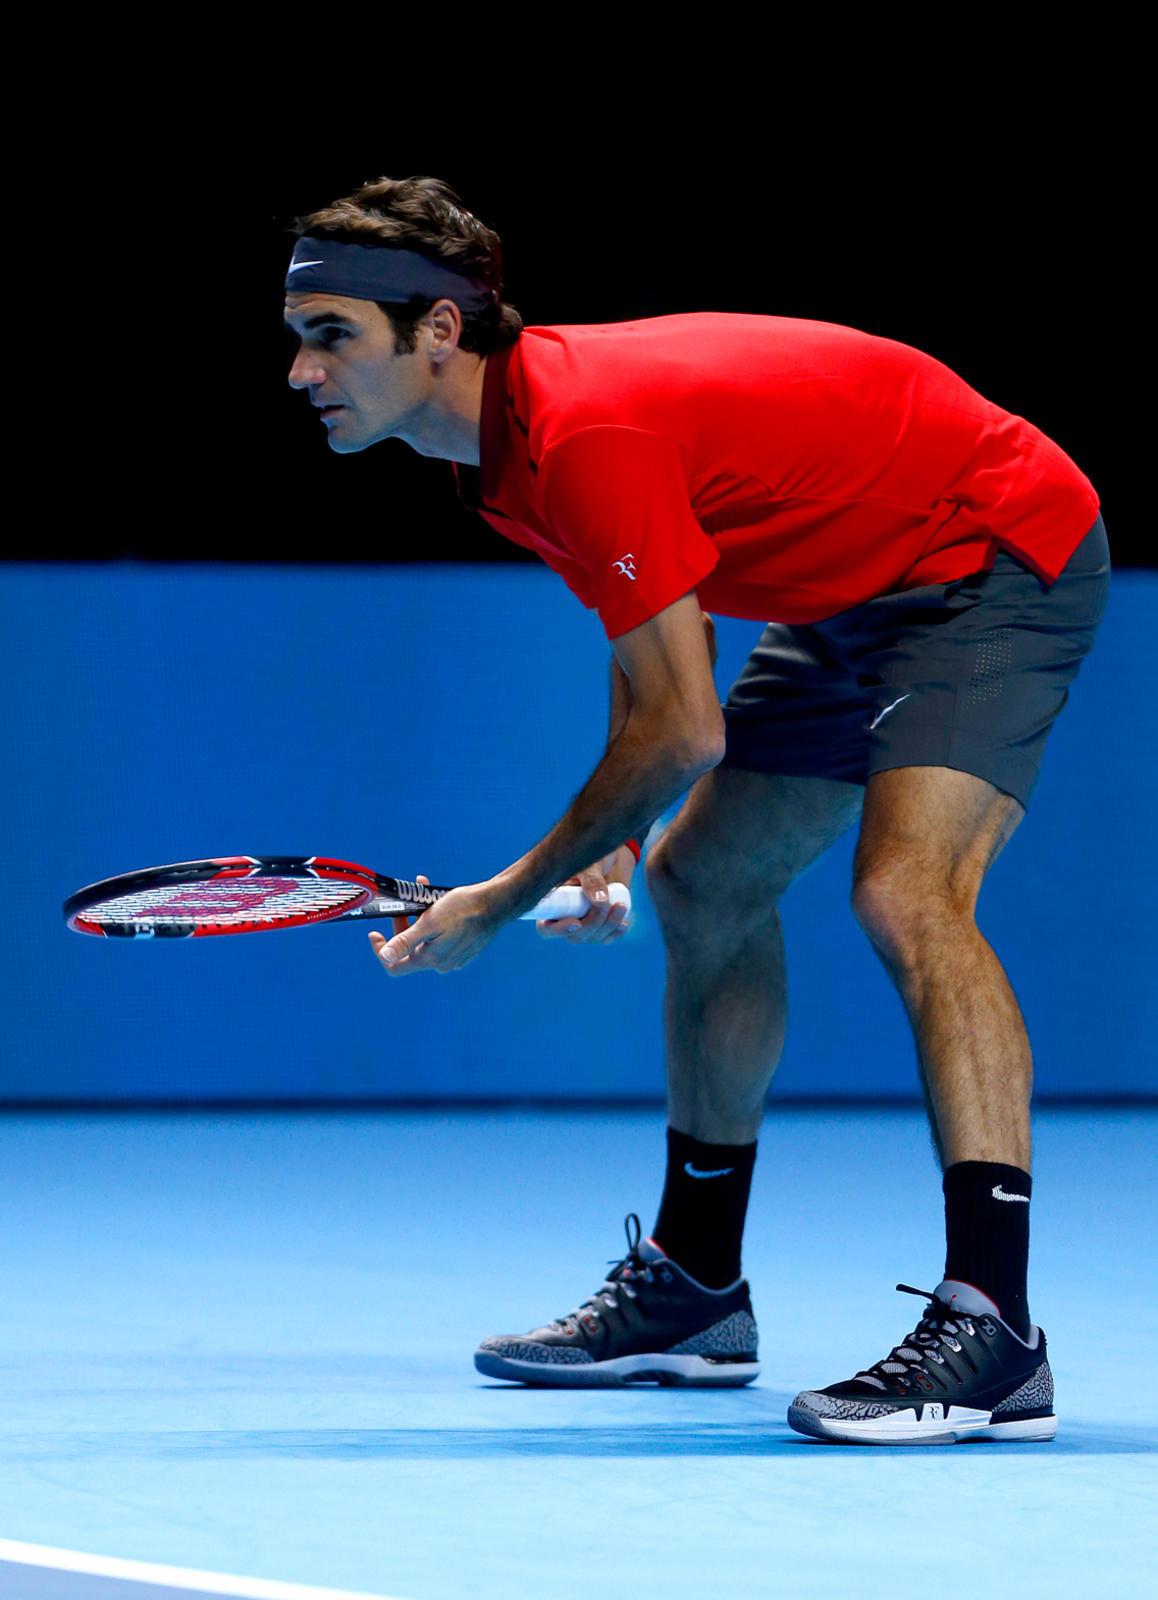 Air Roger